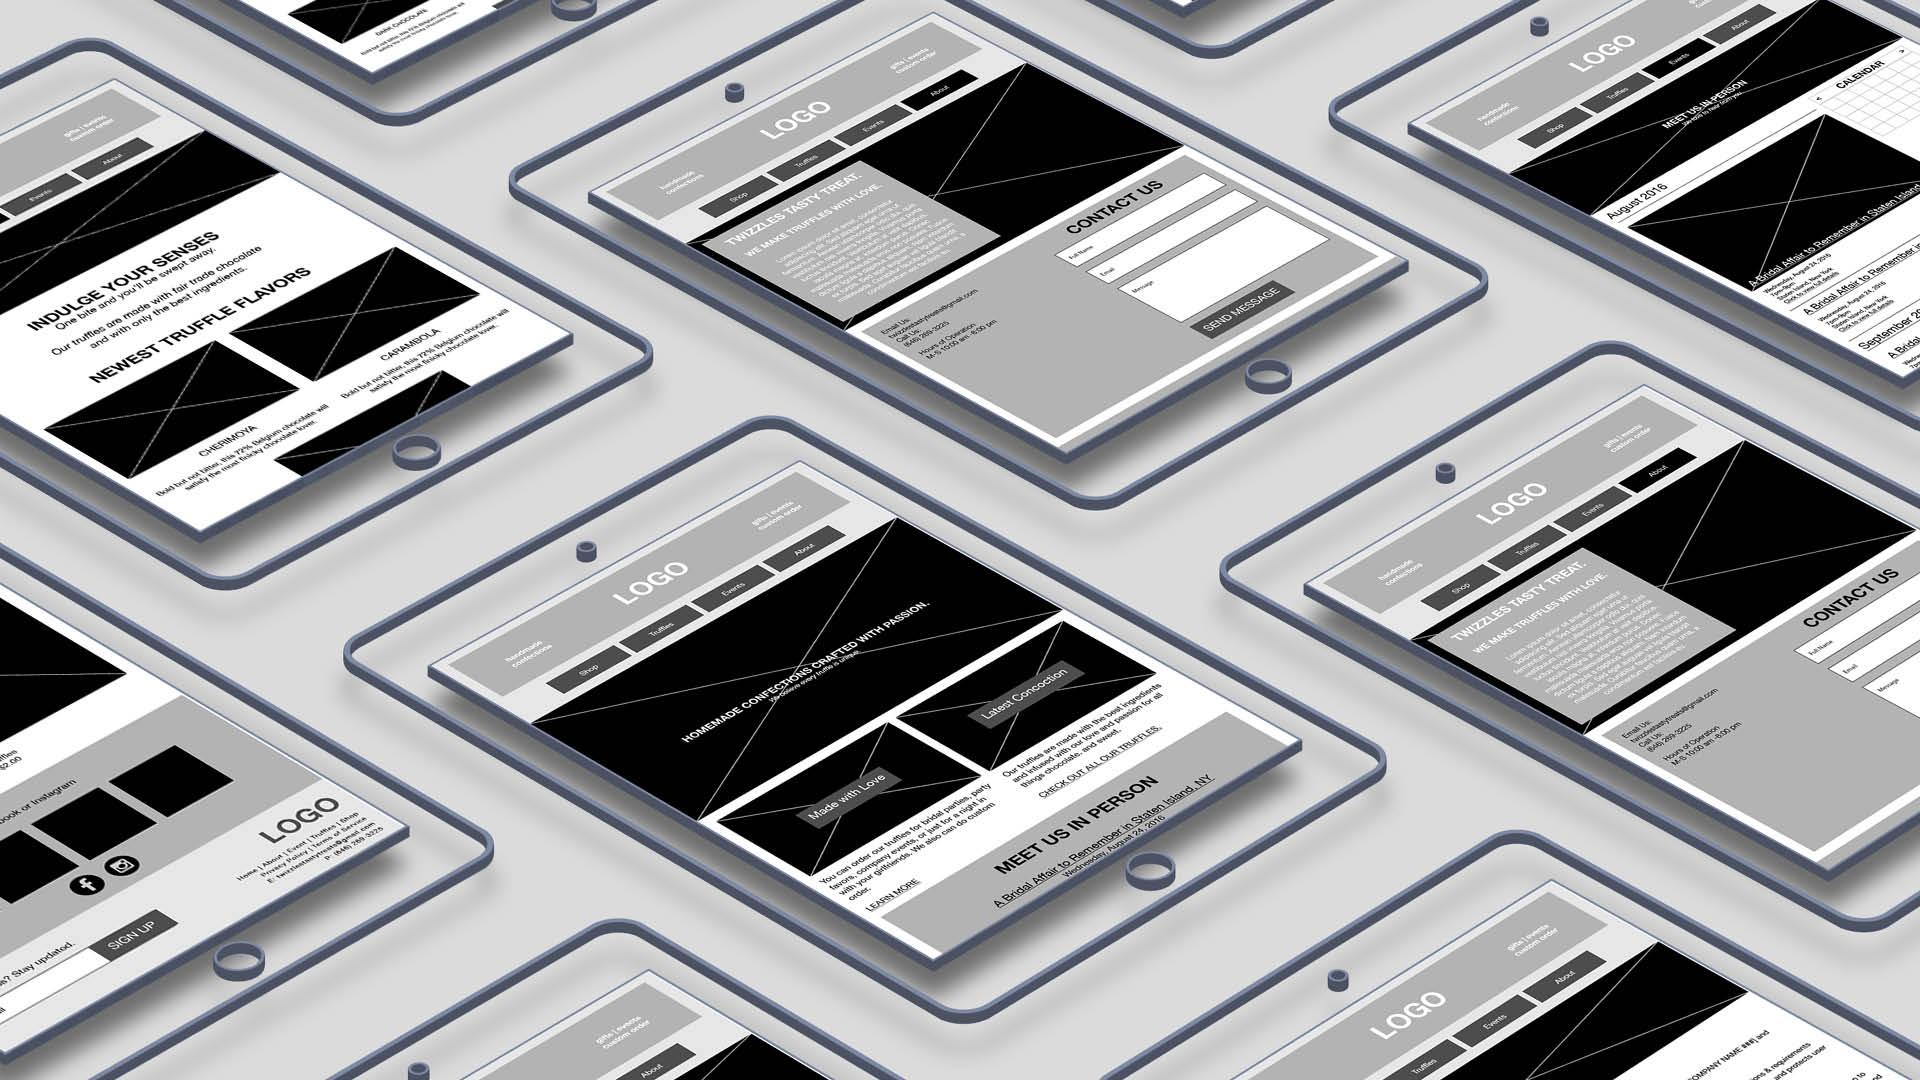 Twizzles Tasty Treats Wireframe Tablet